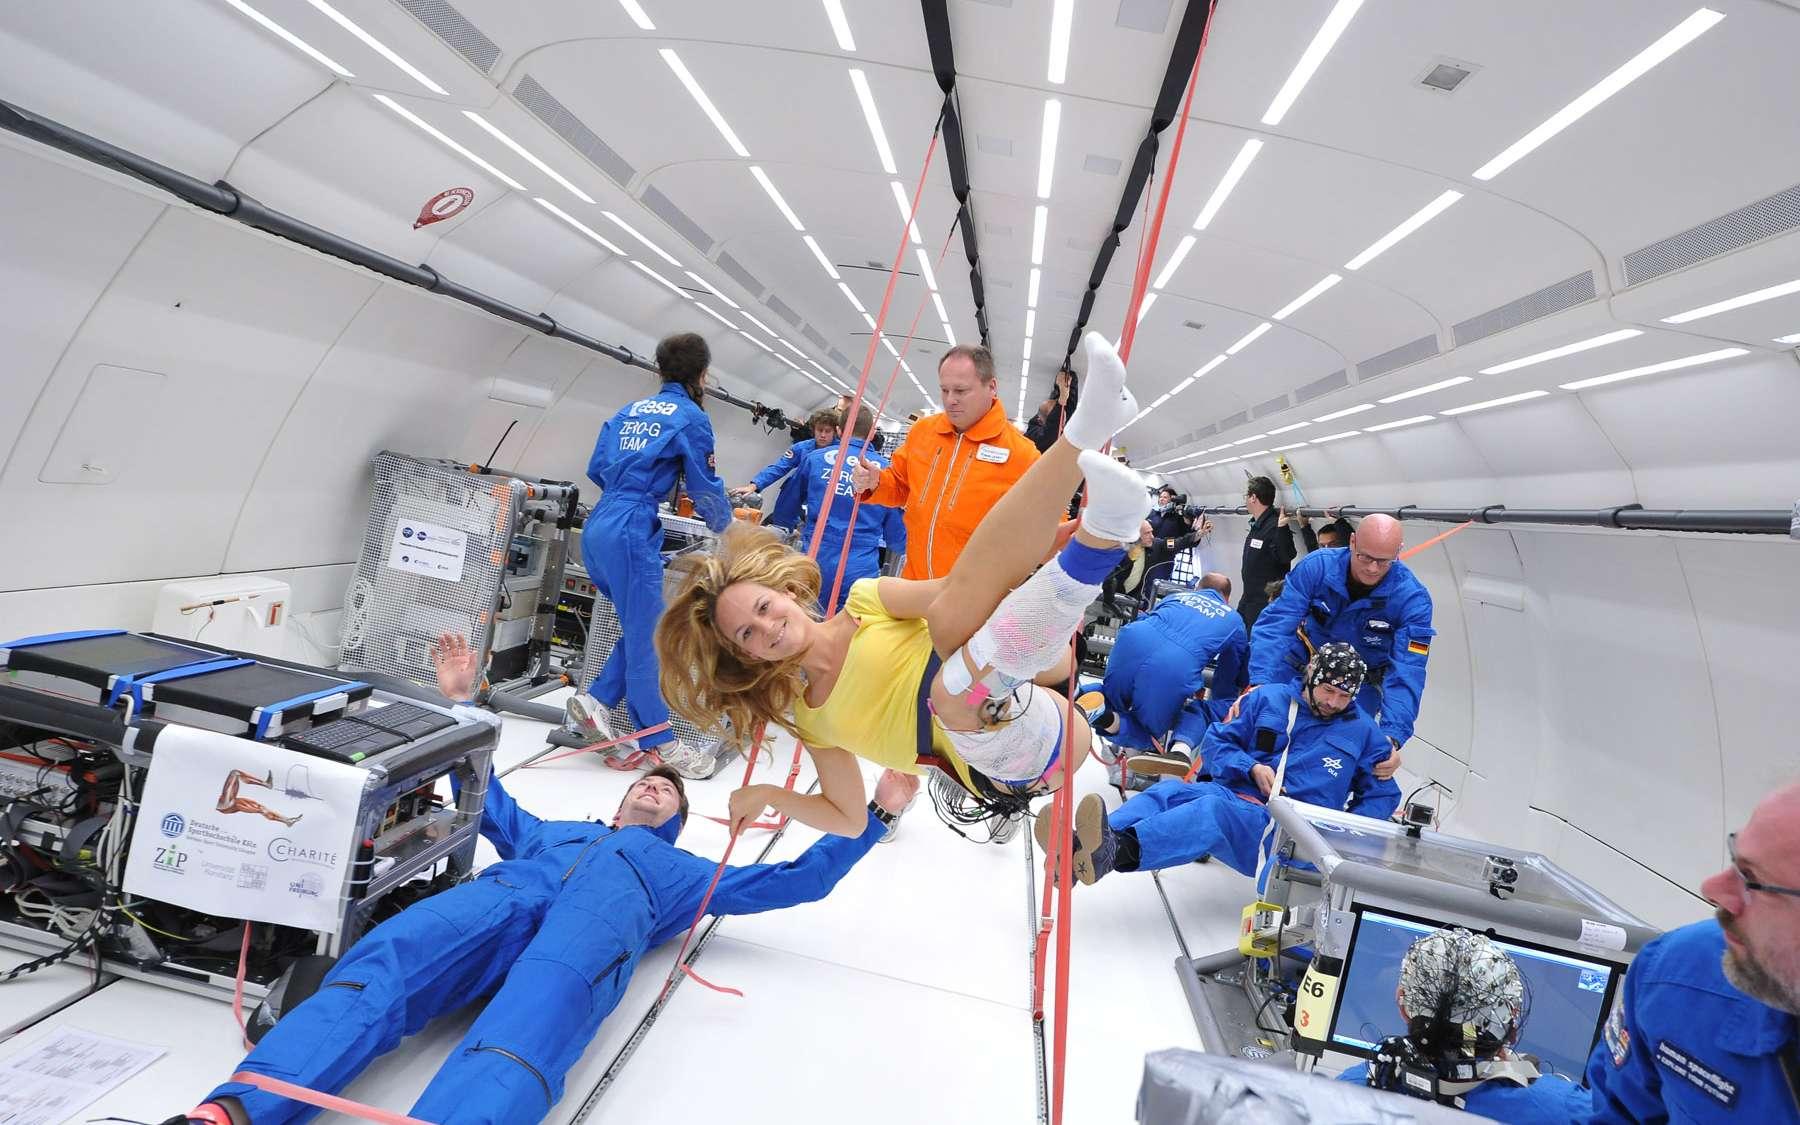 De nombreuses expériences scientifiques ont pu être réalisées à bord du nouvel avion Zéro-G de Novespace, à l'occasion de son premier vol. © Novespace, DLR